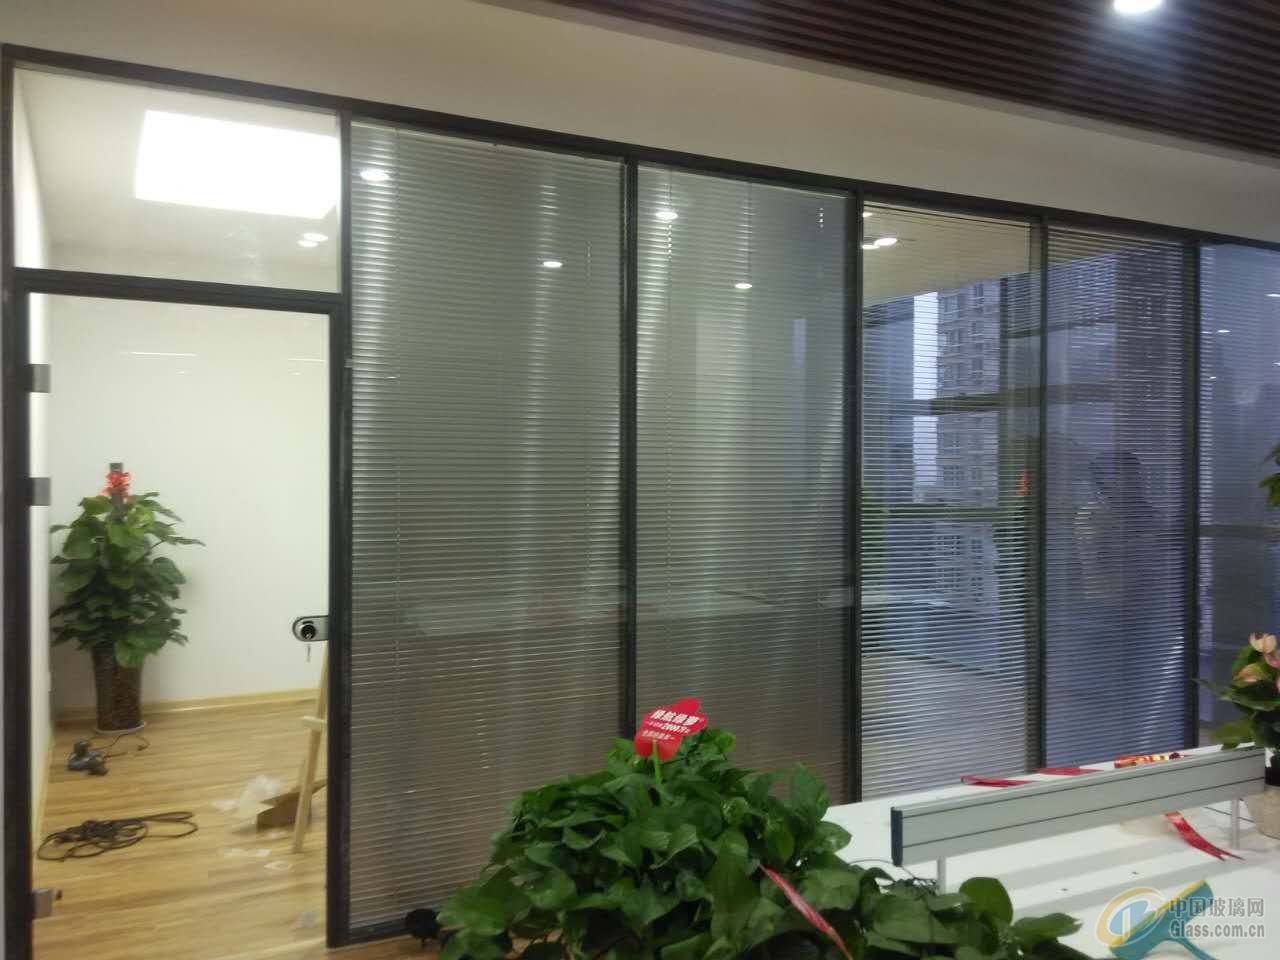 西安办公室玻璃百叶隔断,高间隔